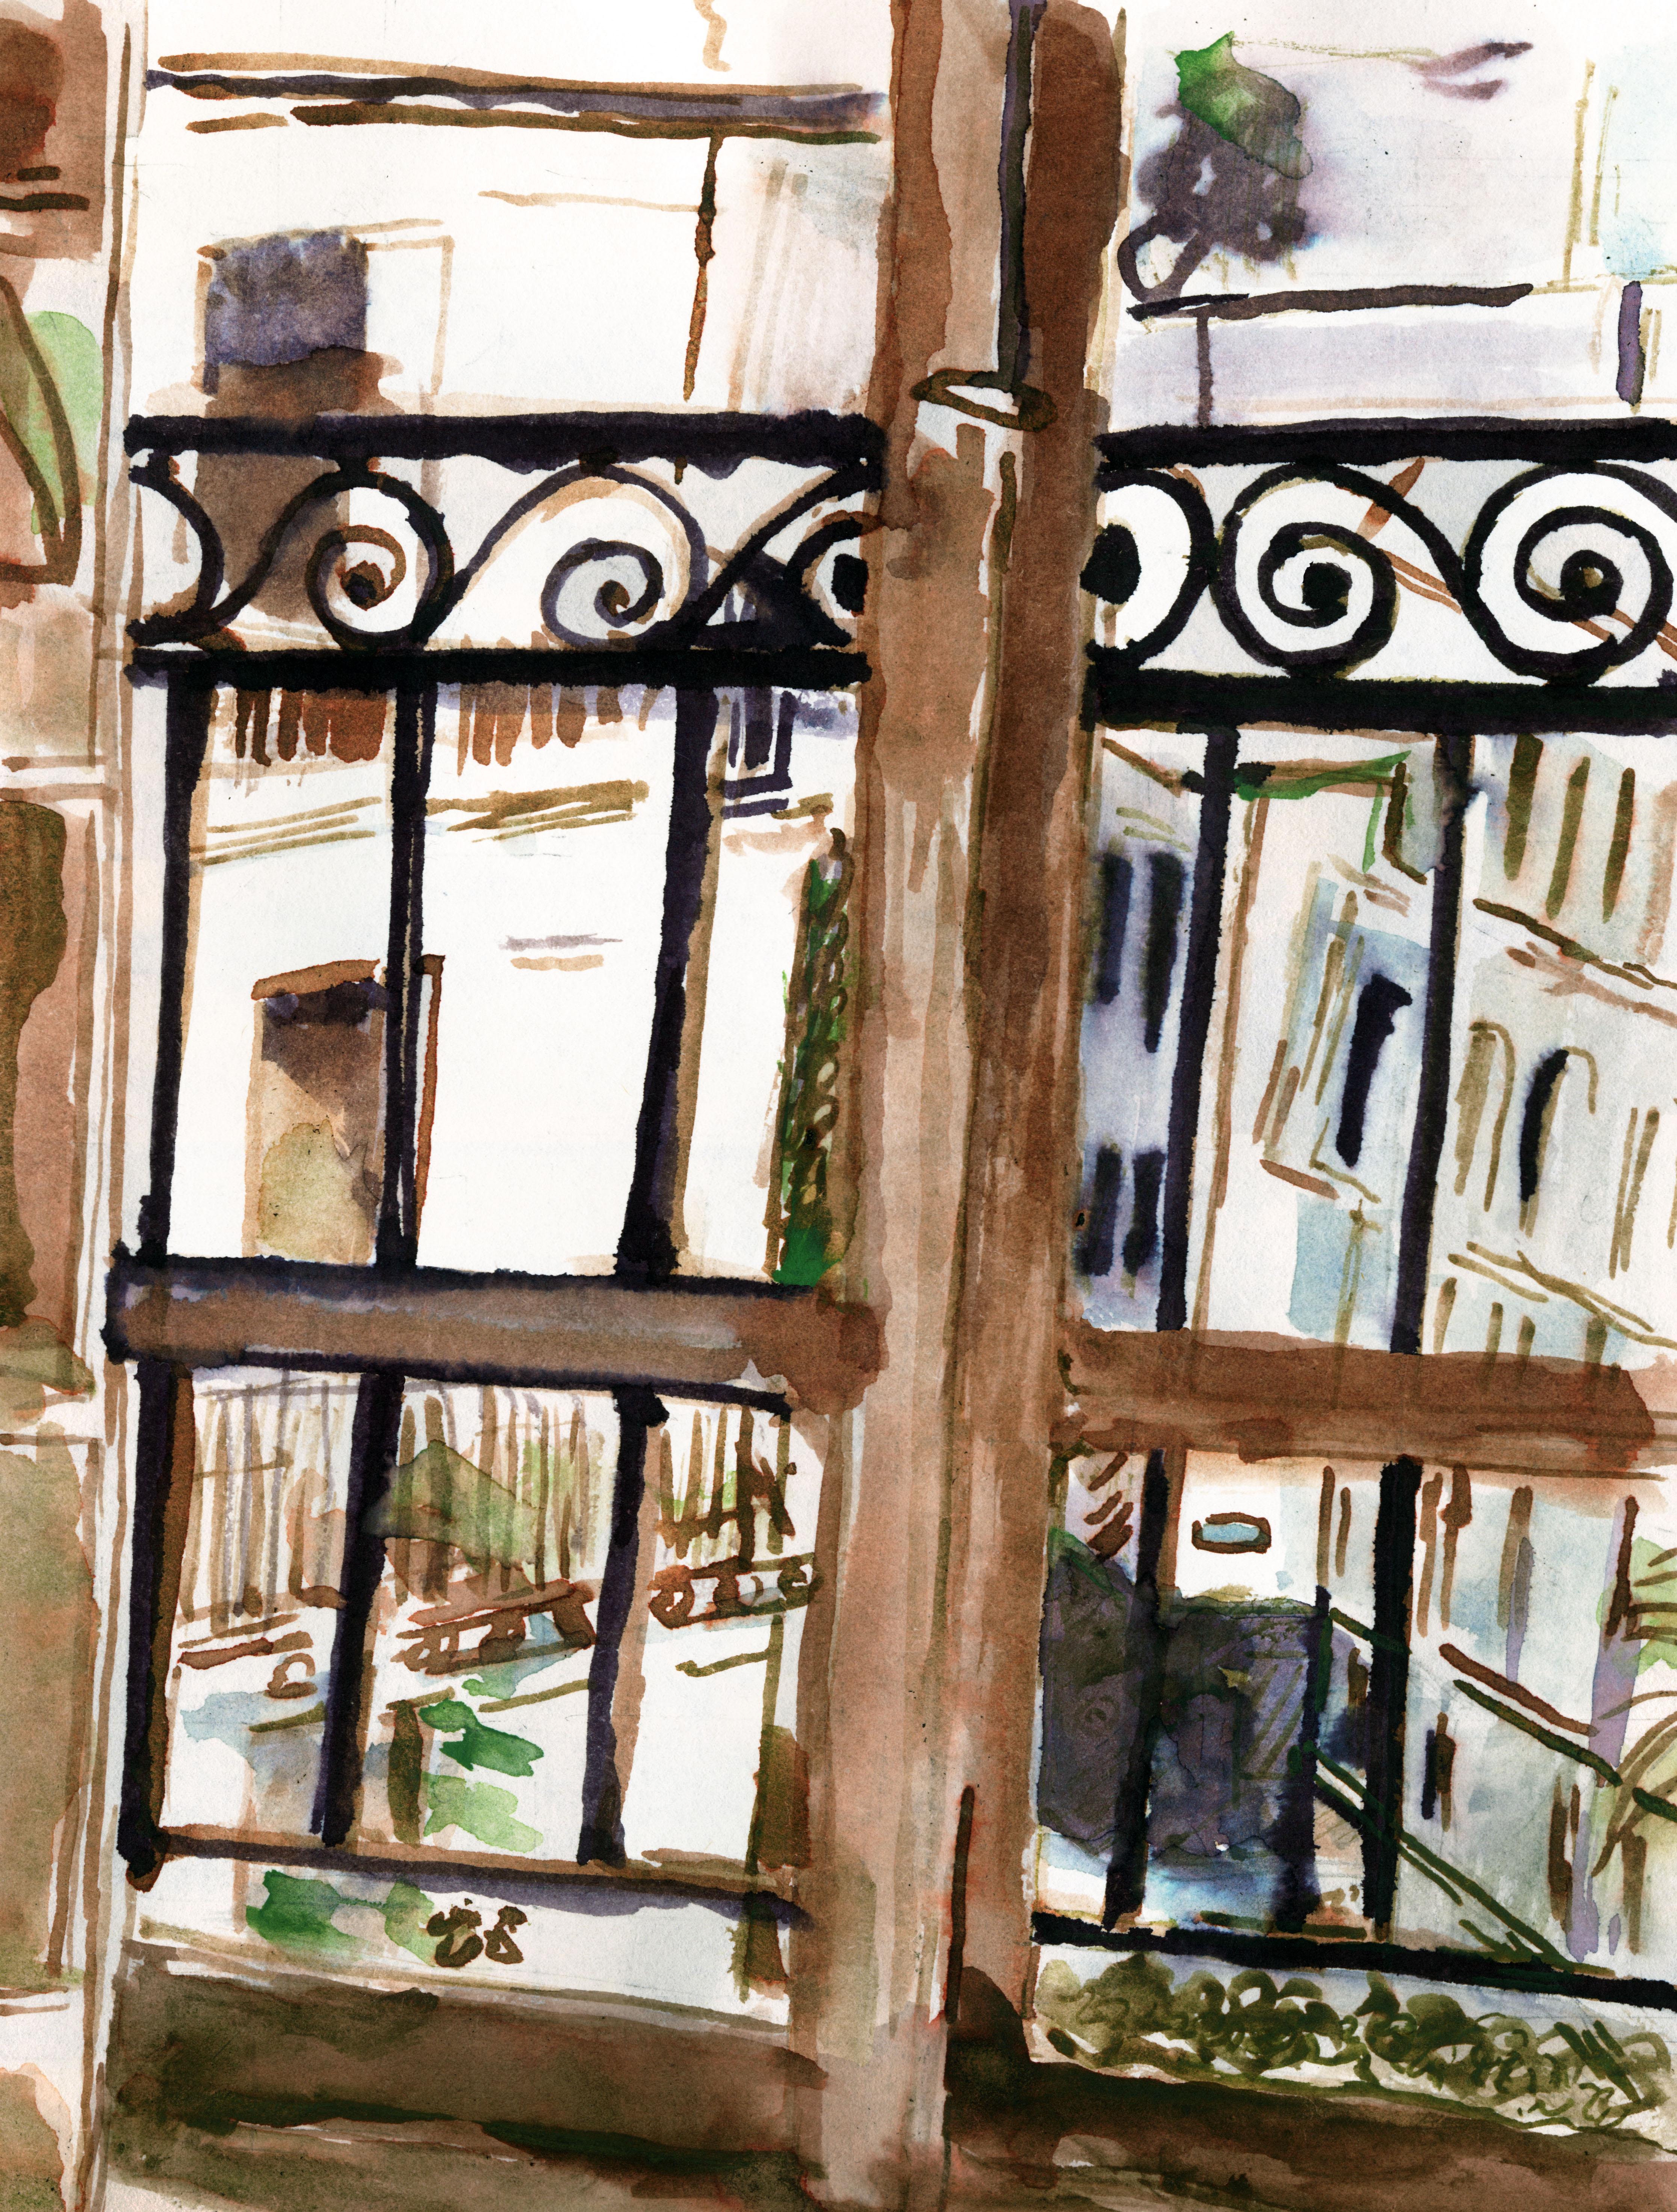 247 Porta-finestra sul balcone 2017